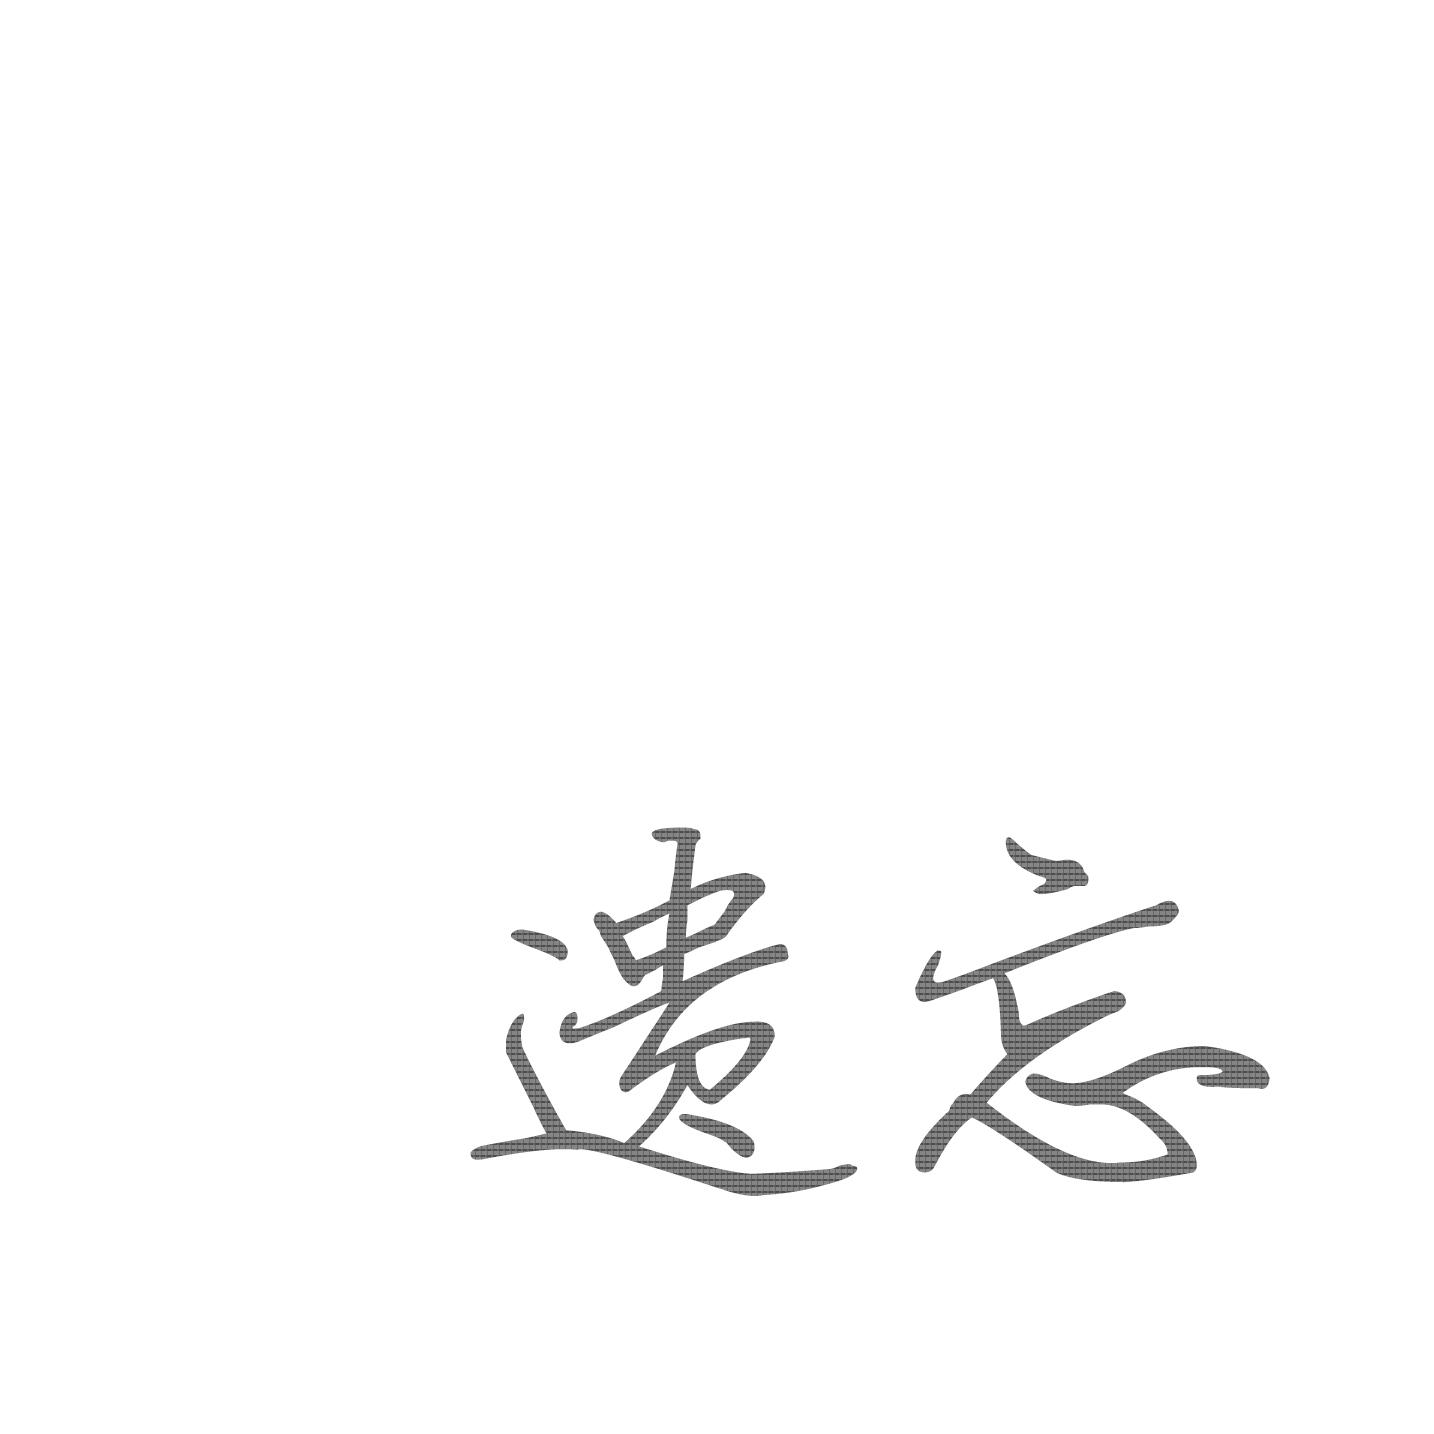 唯一手绘图片带字